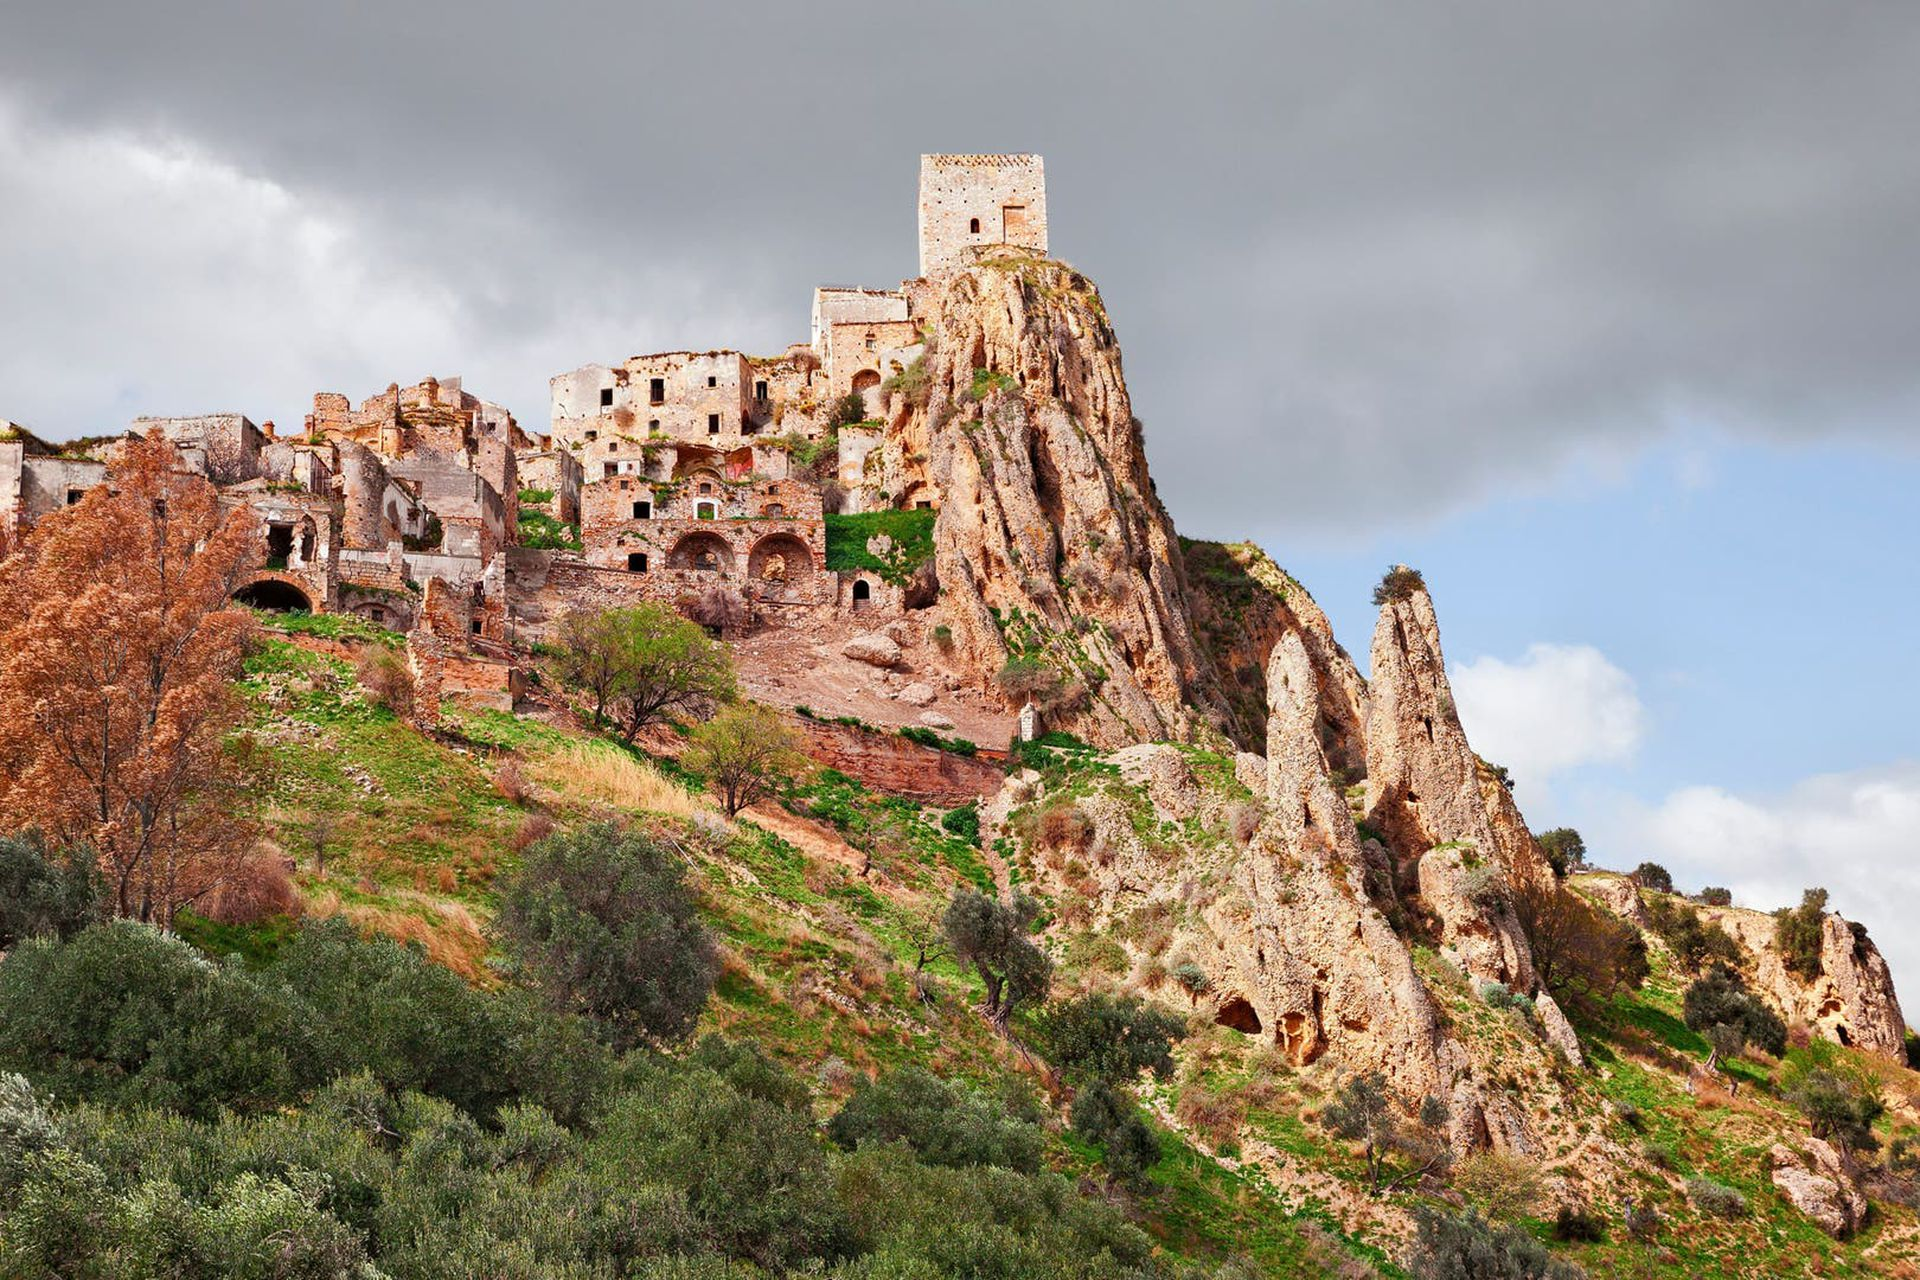 Casas construidas dentro de cuevas que fueron habitadas hasta mediados del siglo pasado en la antigua ciudad de Matera.